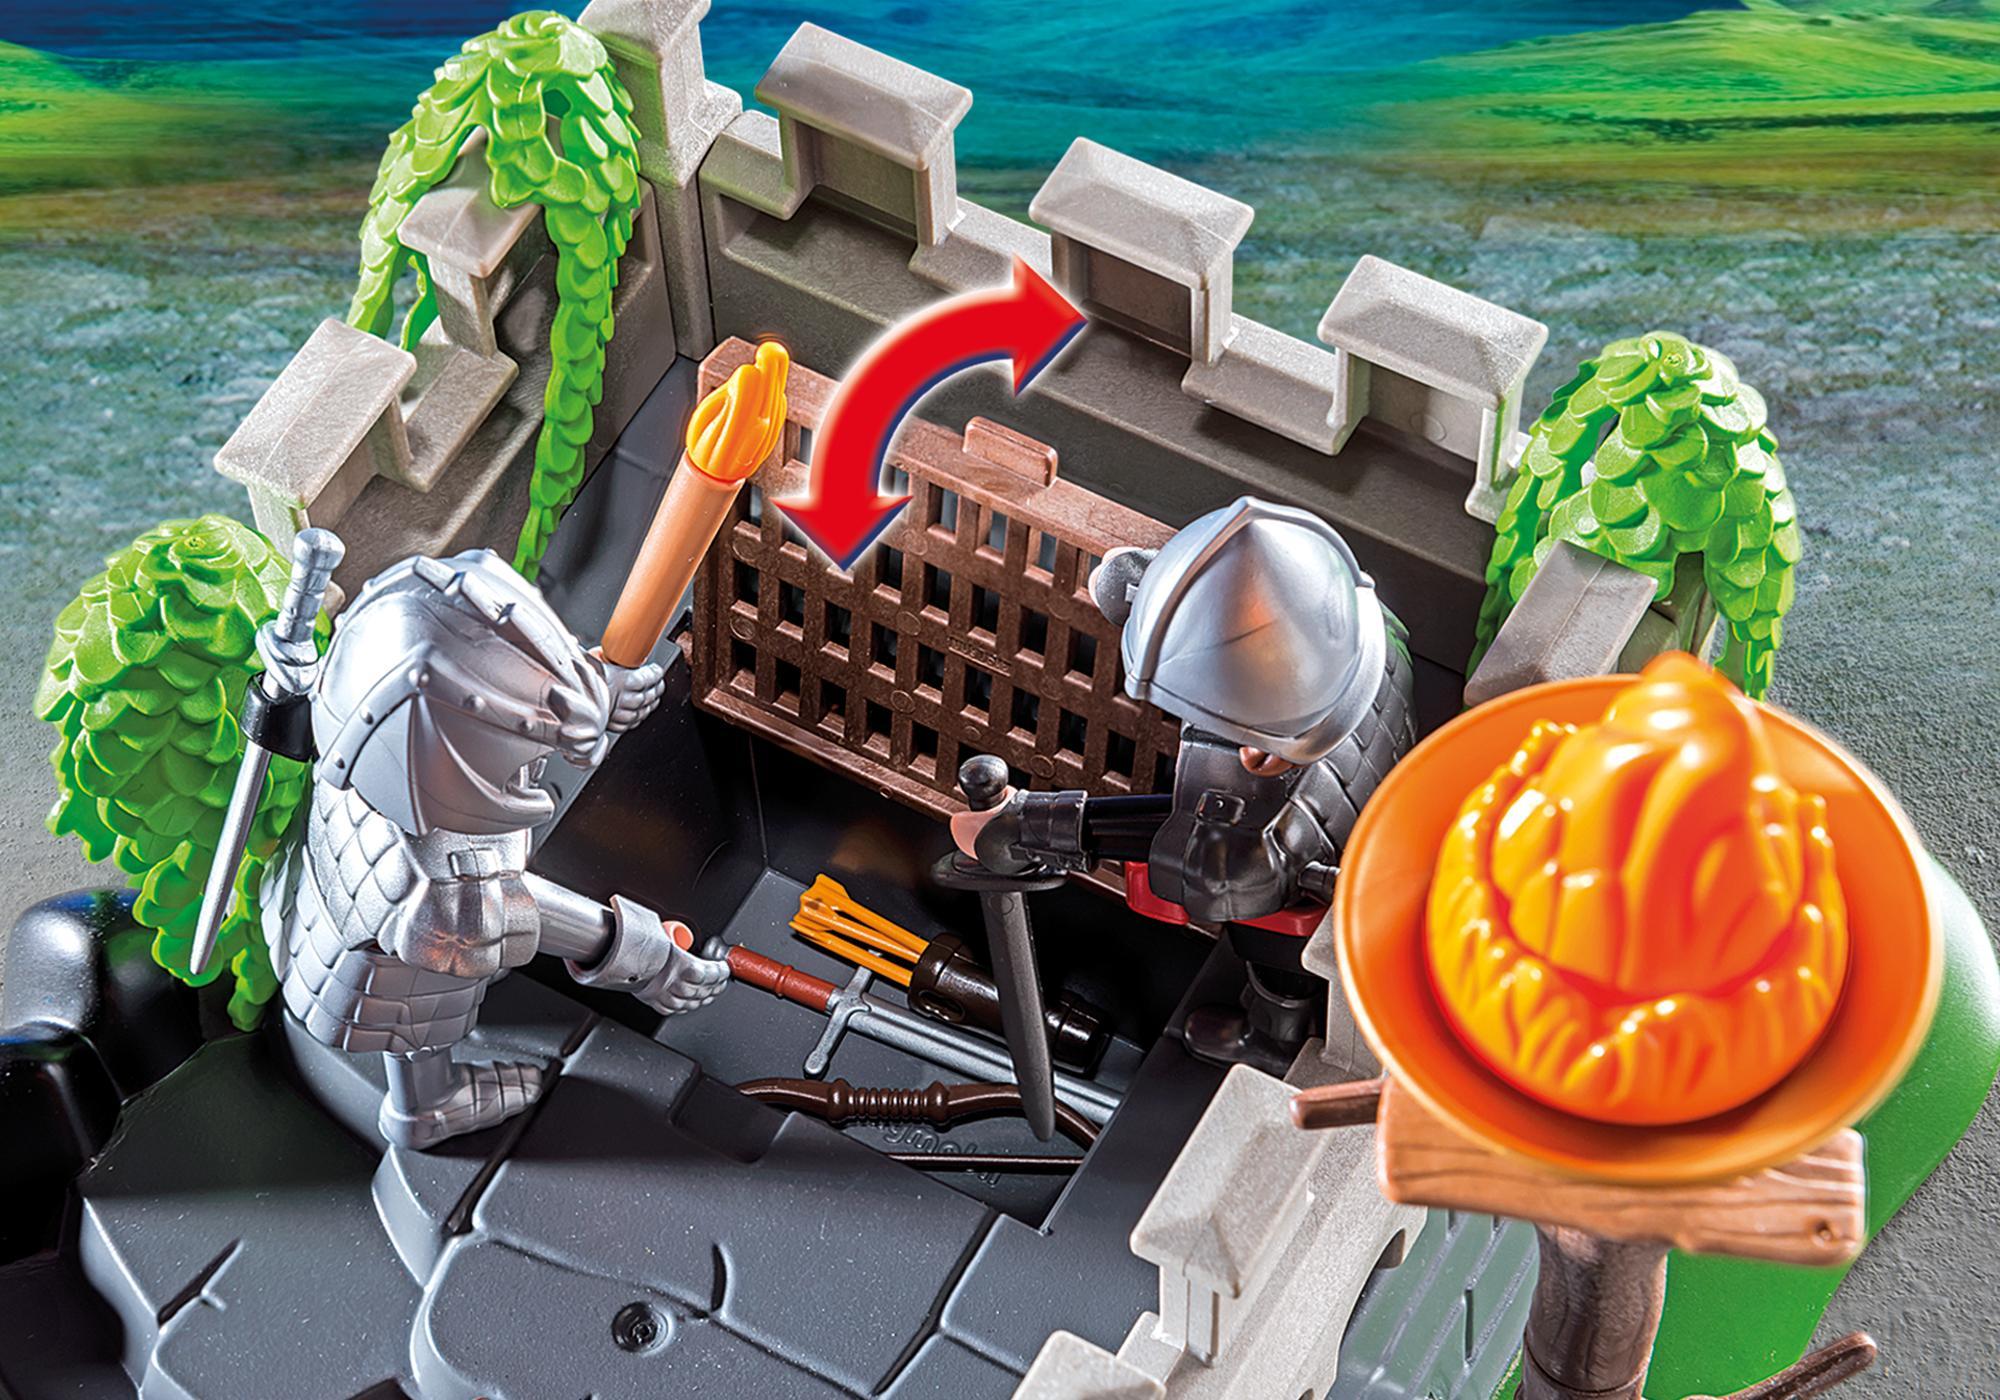 http://media.playmobil.com/i/playmobil/6627_product_extra1/Forte dos Cavaleiros do Dragão